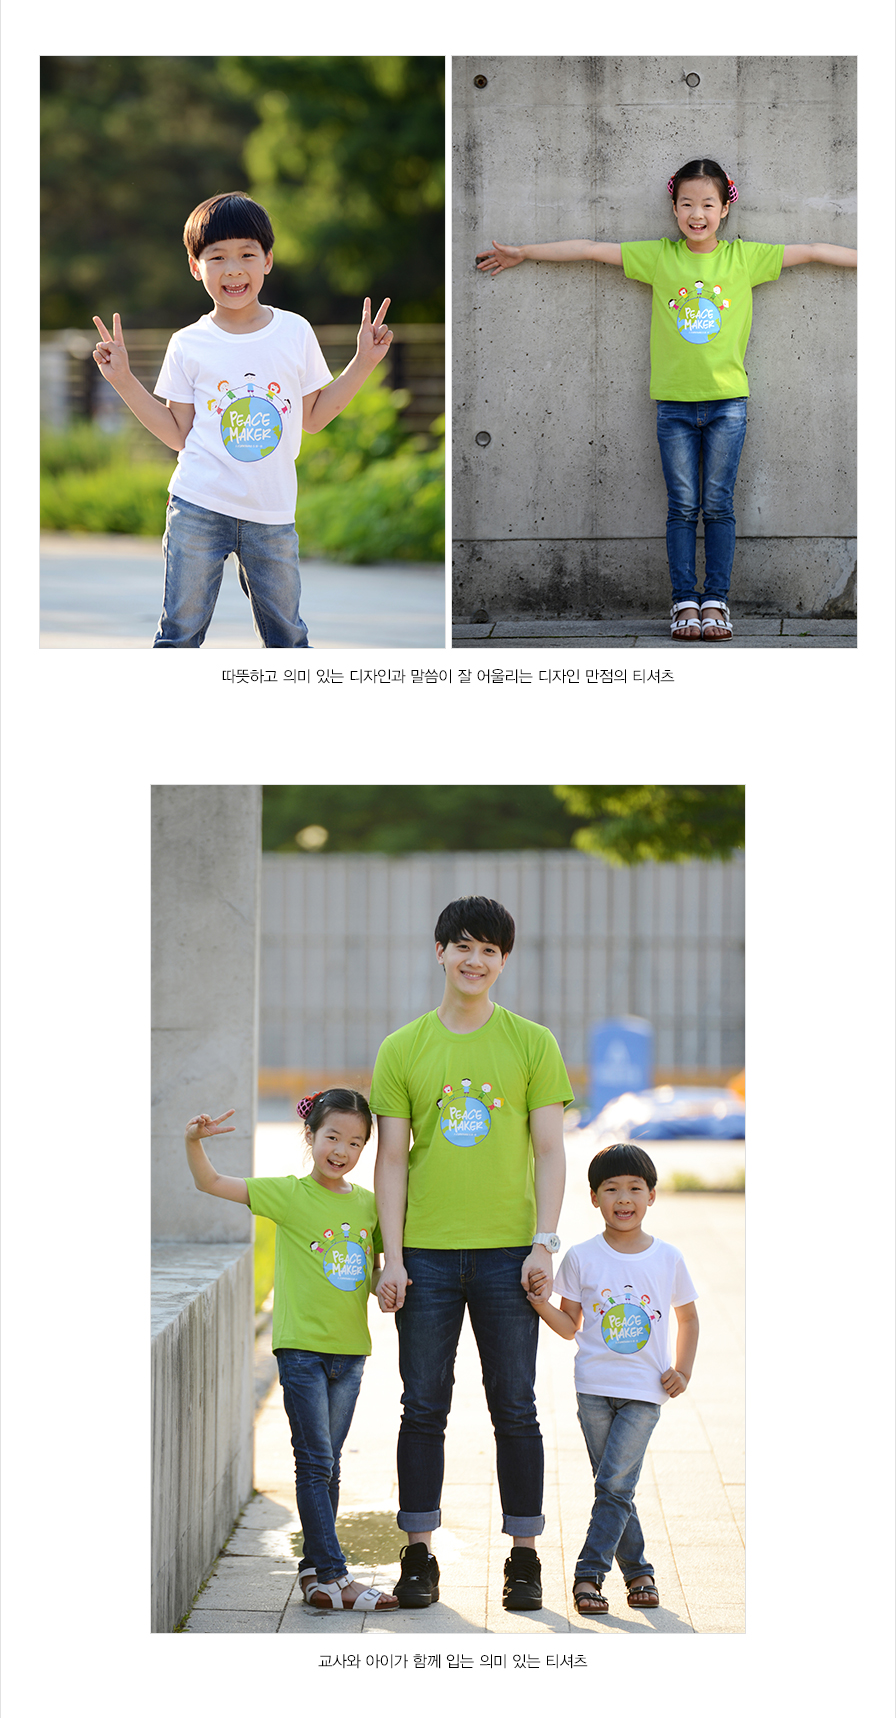 따뜻하고 의미있는 말씀의 peace maker 티셔츠